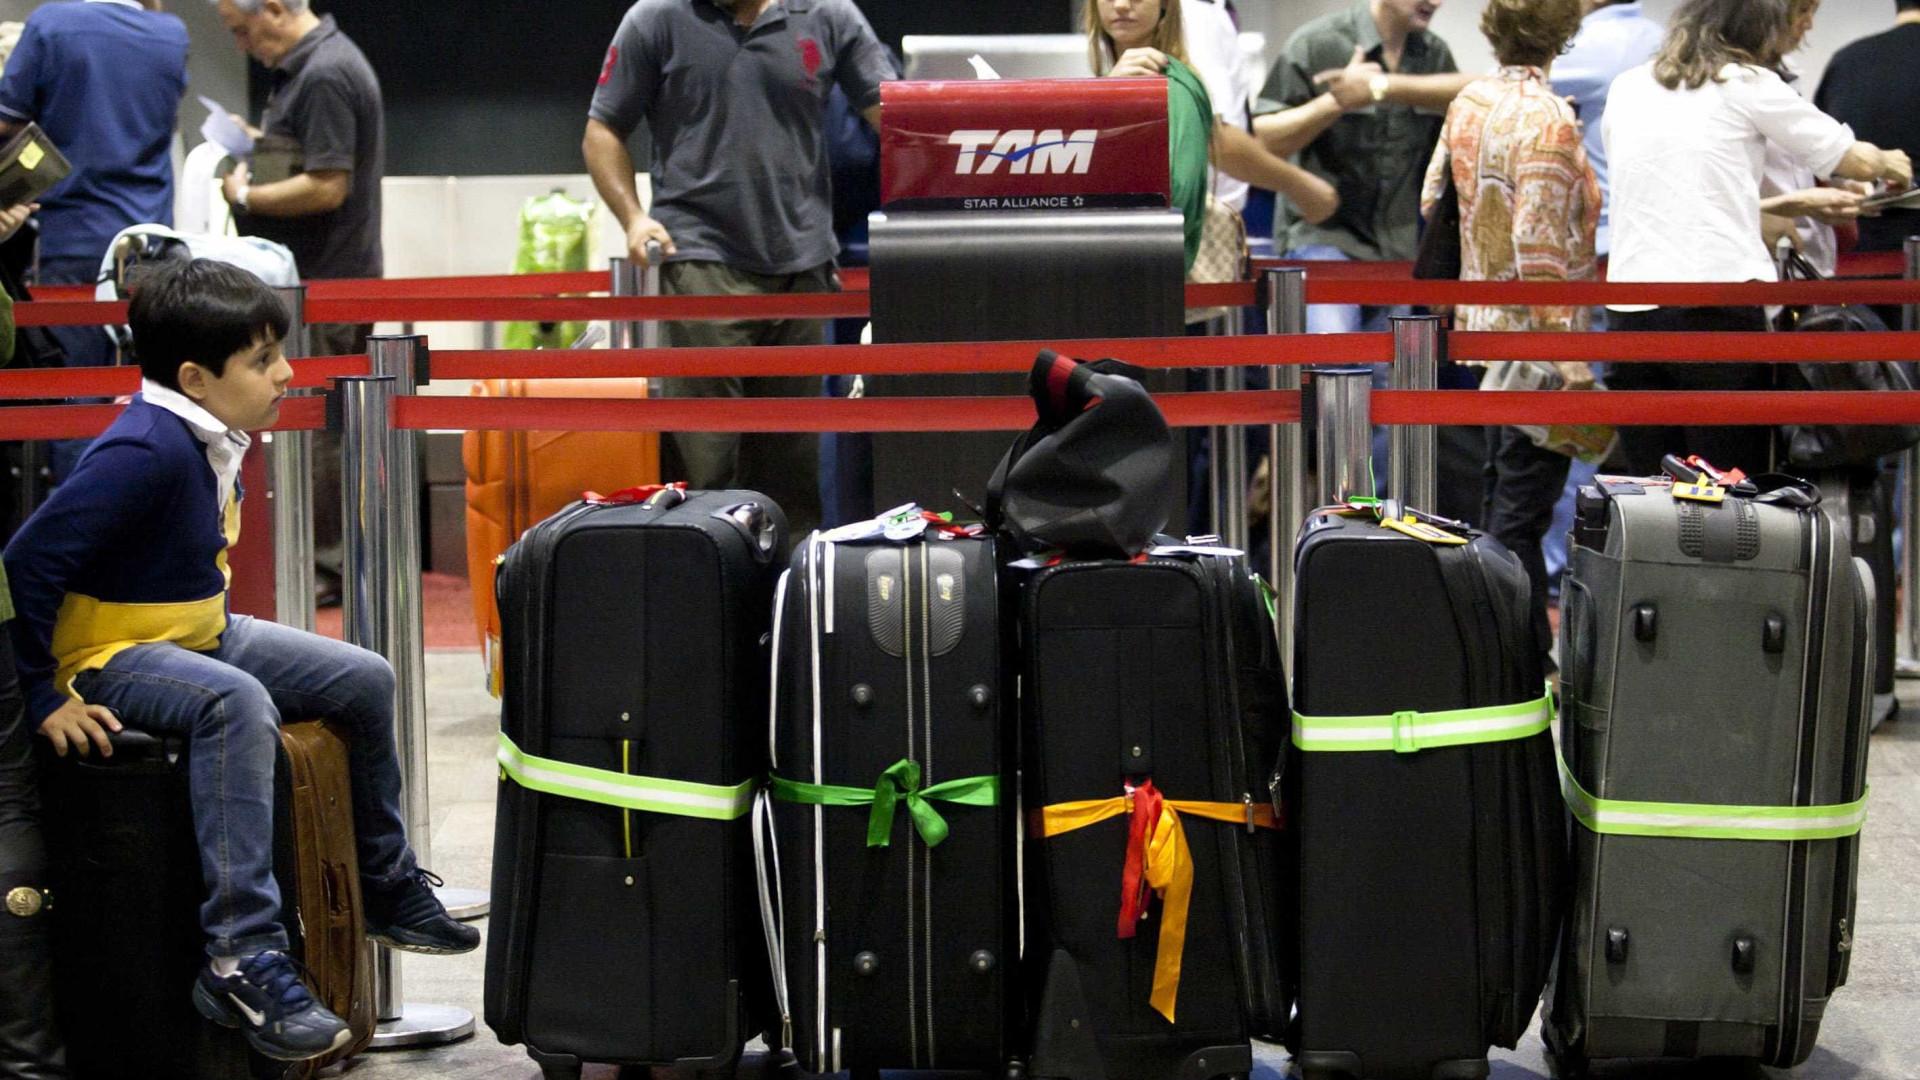 Carregar vibrador na mala pode render multa de mil reais; entenda